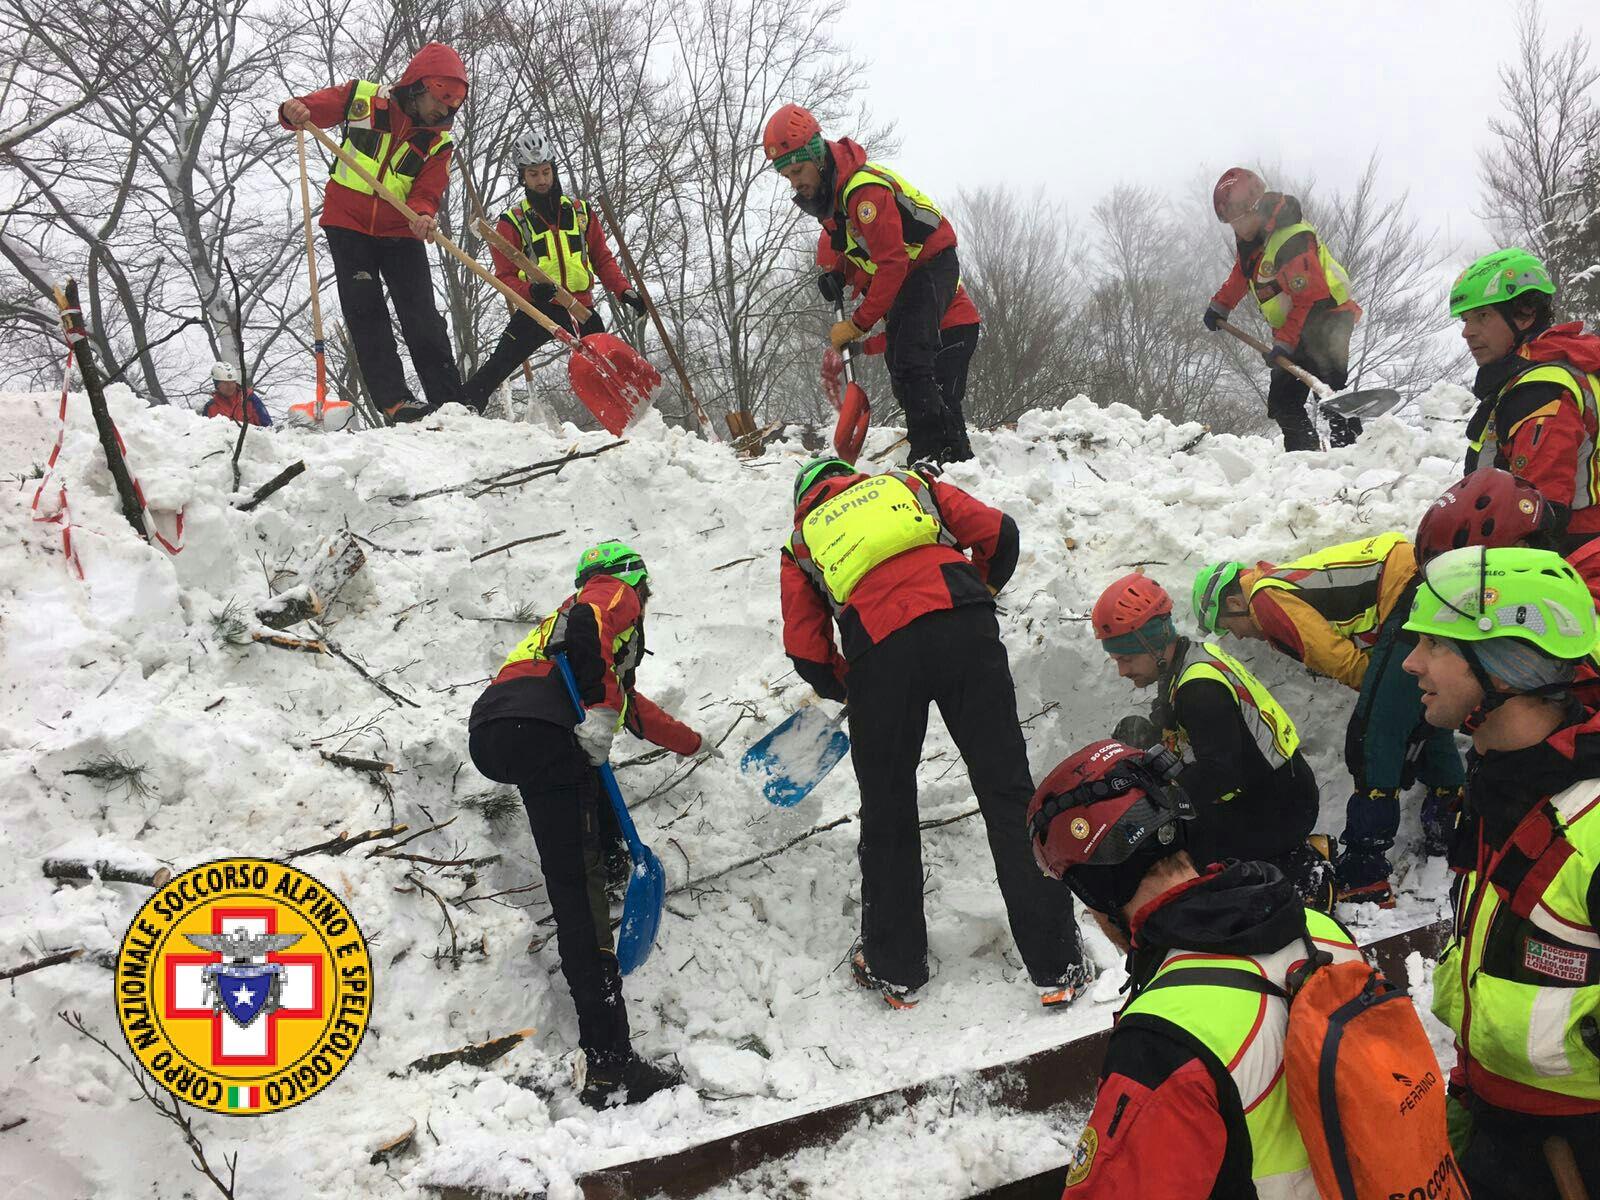 Emergenza neve in Centro Italia: il cuore straordinario dell'Italia che sa aiutare gli altri | Emergency Live 32